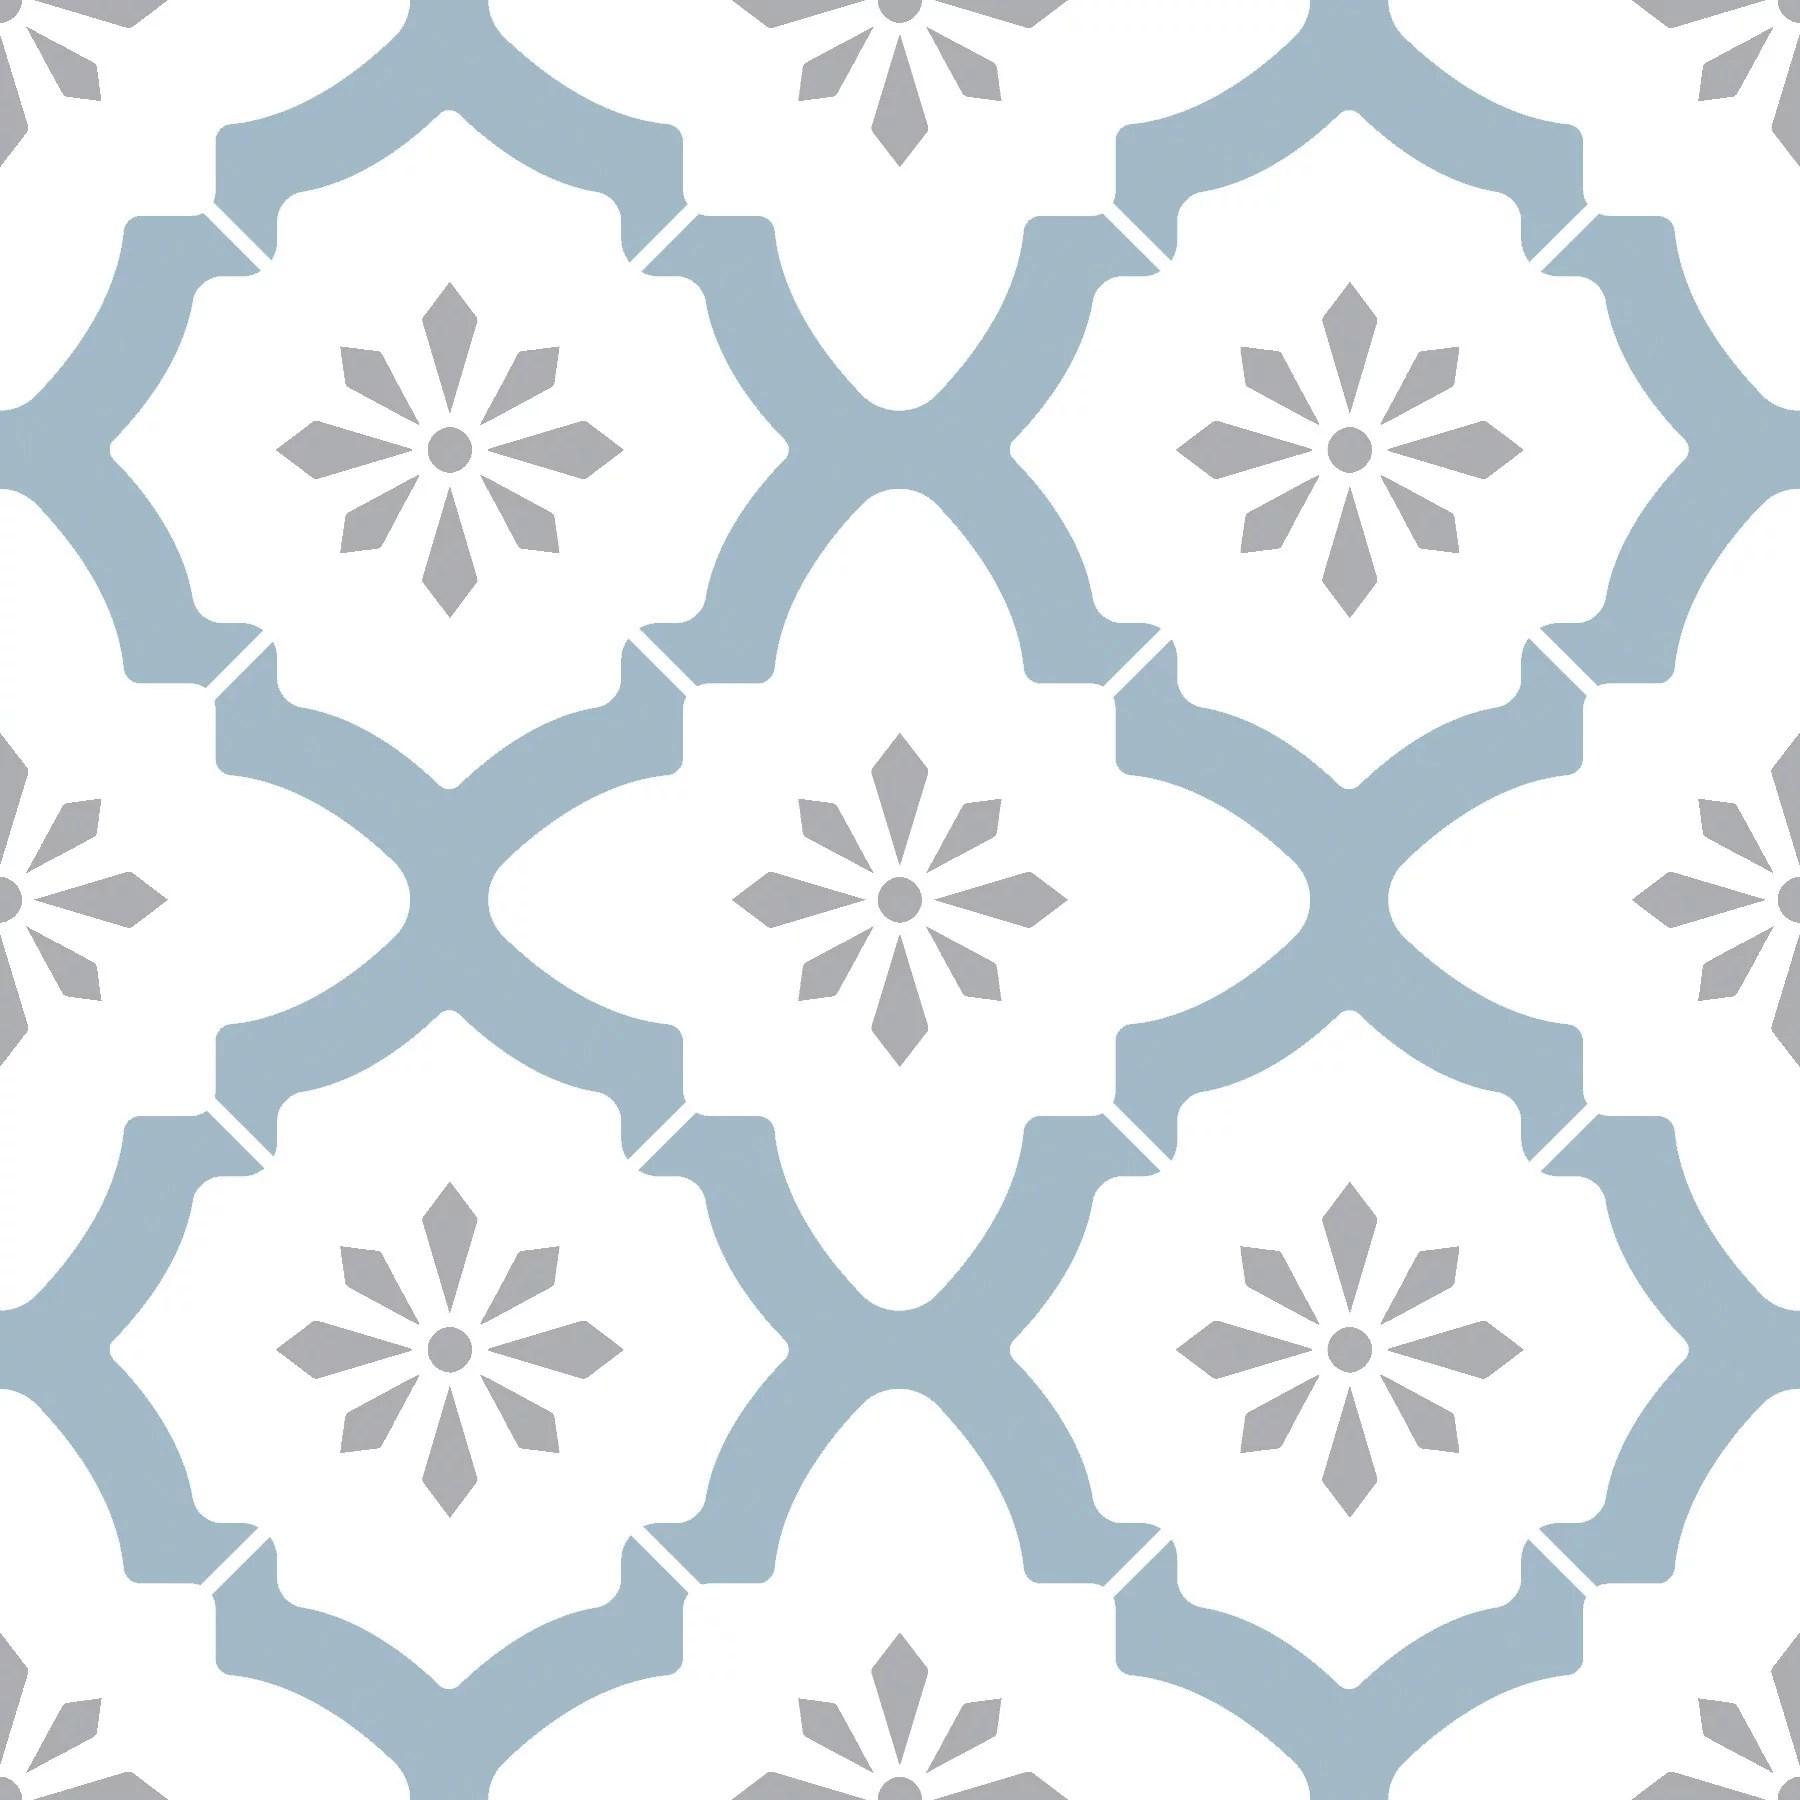 floorpops alfama 12 in x 12 in peel and stick virgin vinyl floor tiles 10 pack